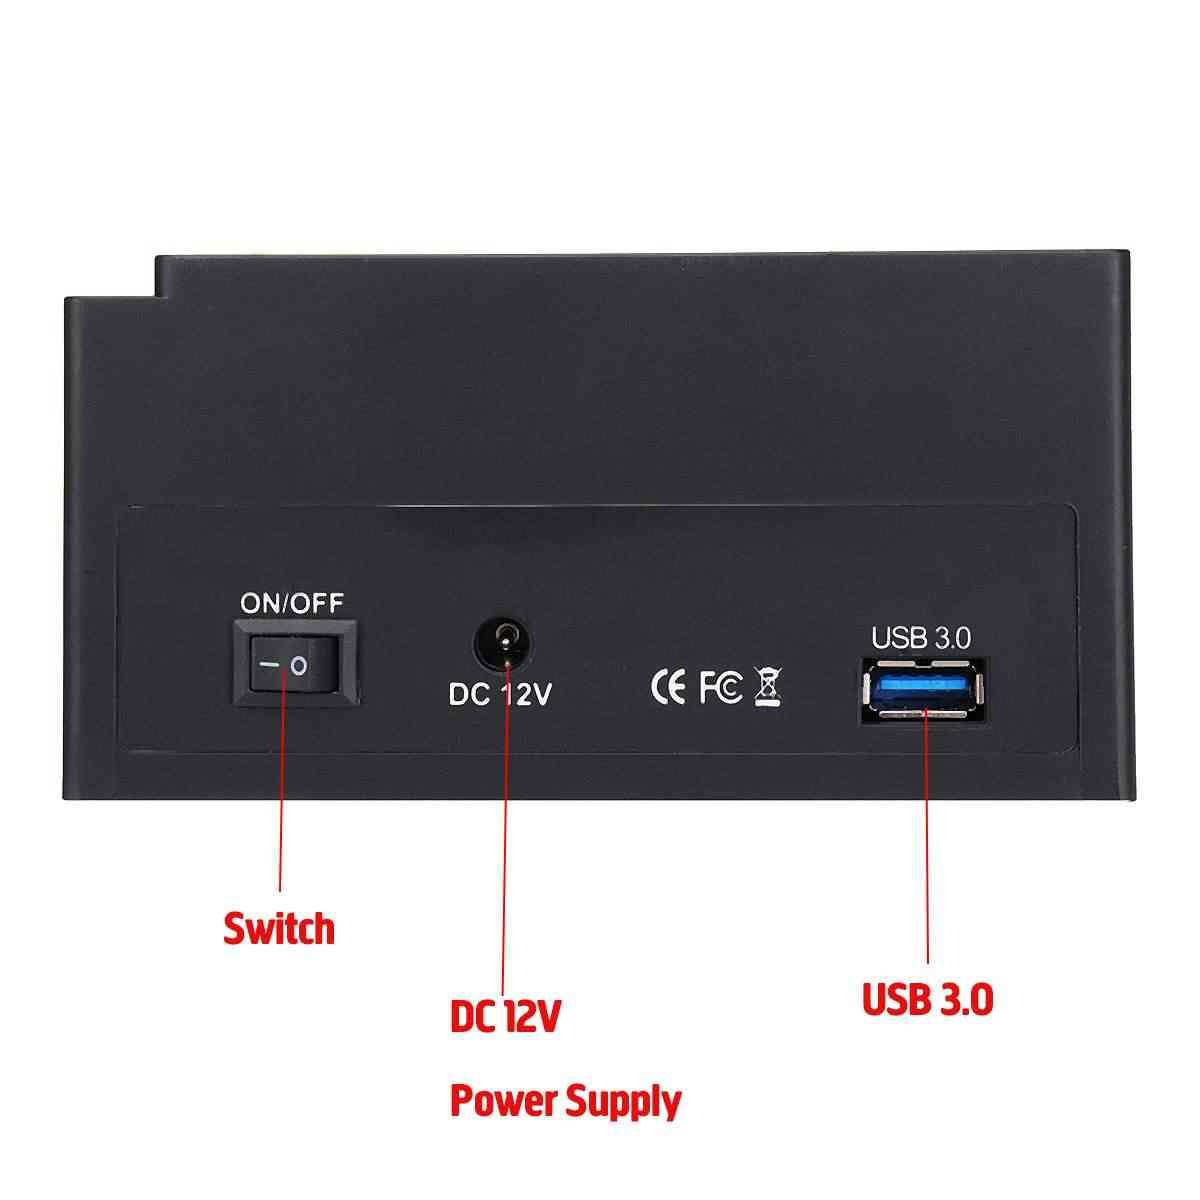 """2.5 """"3.5"""" USB 3.0 USB 2.0 2 SATA منافذ 1 IDE ميناء خارجي HDD القرص الصلب محطة الإرساء قارئ بطاقات USB3.0 Hub قالب أقراص صلبة"""